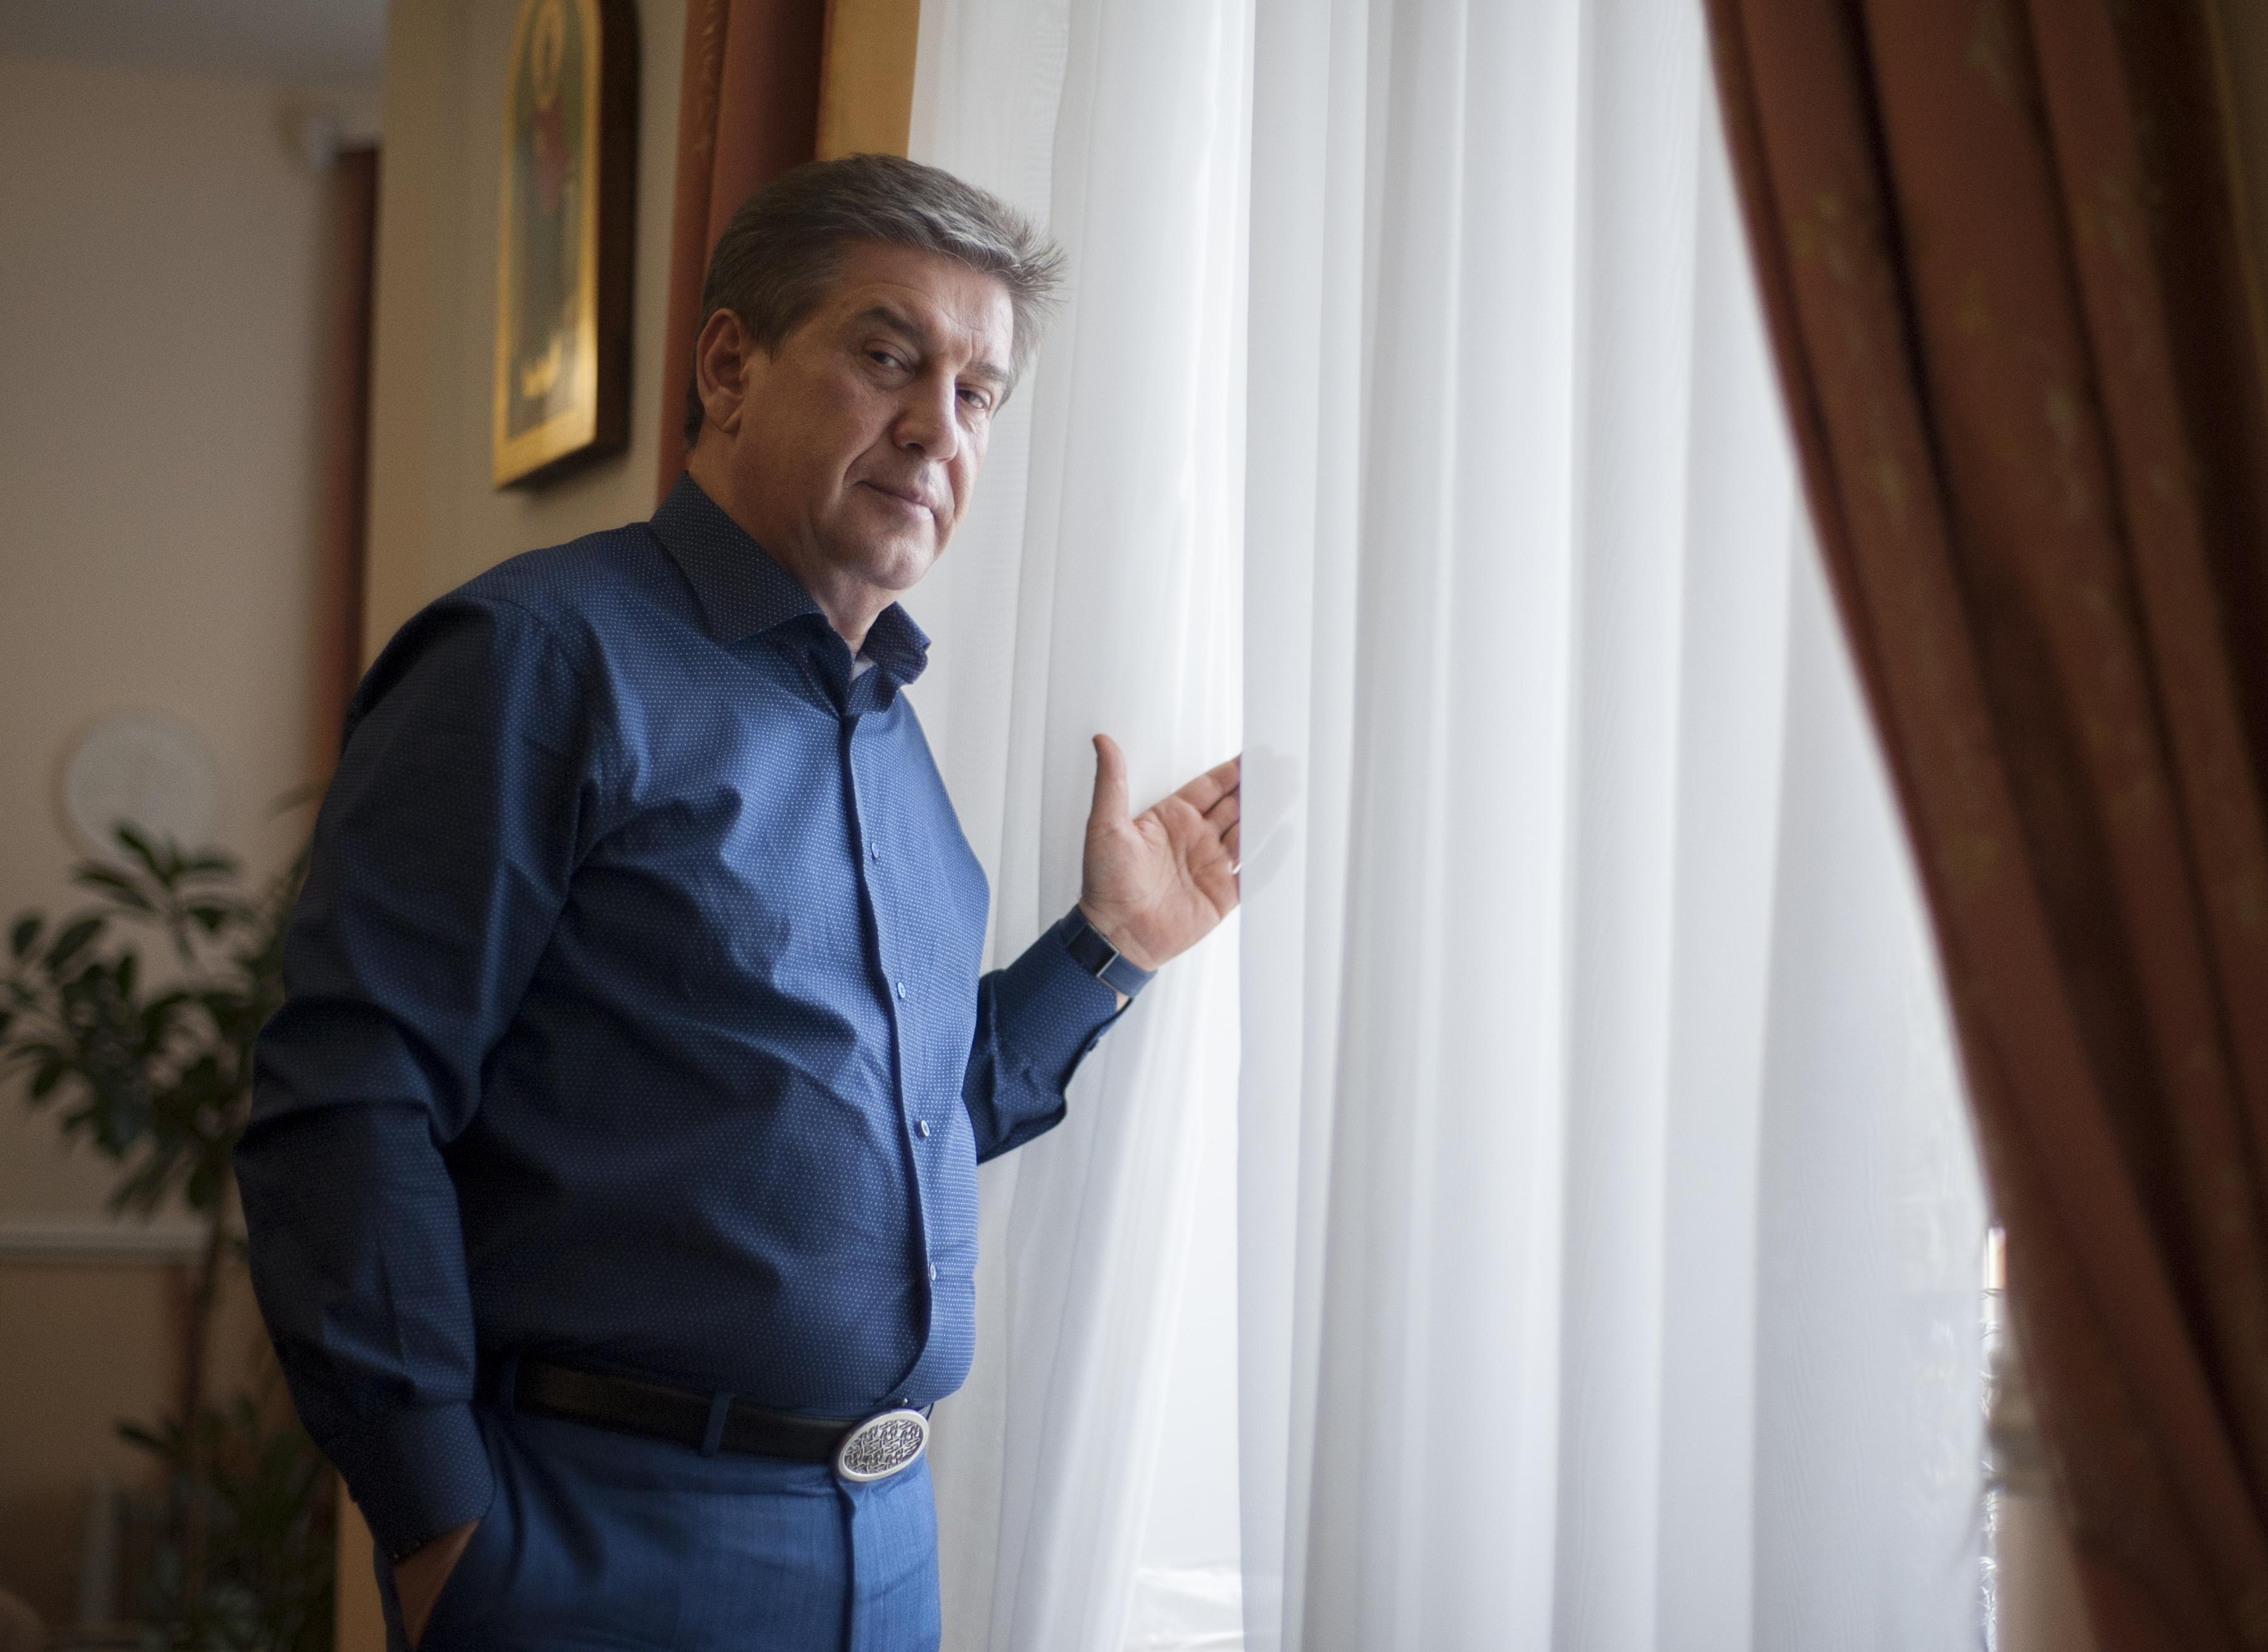 Владимир Петросян: Столичная система социальных гарантий служит одной цели — обеспечить пенсионерам достойный уровень жизни